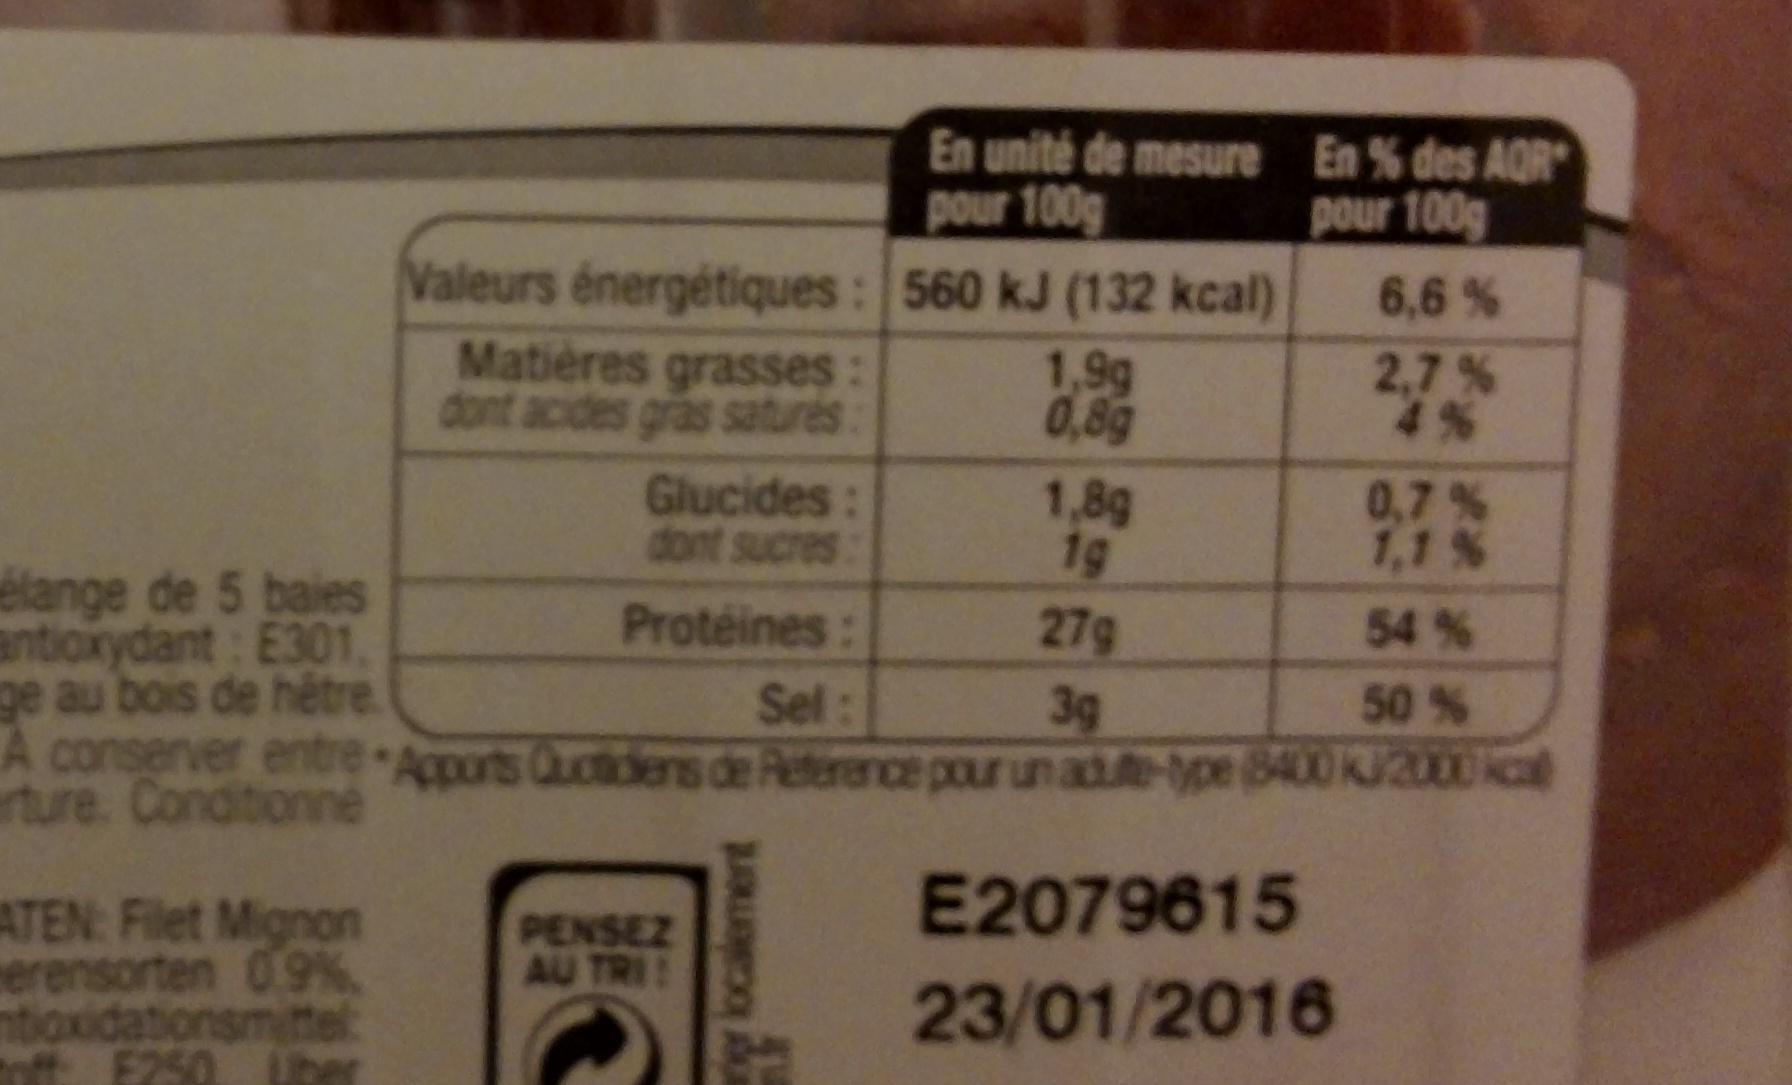 Filet mignon fumé aux 5 baies - Informations nutritionnelles - fr